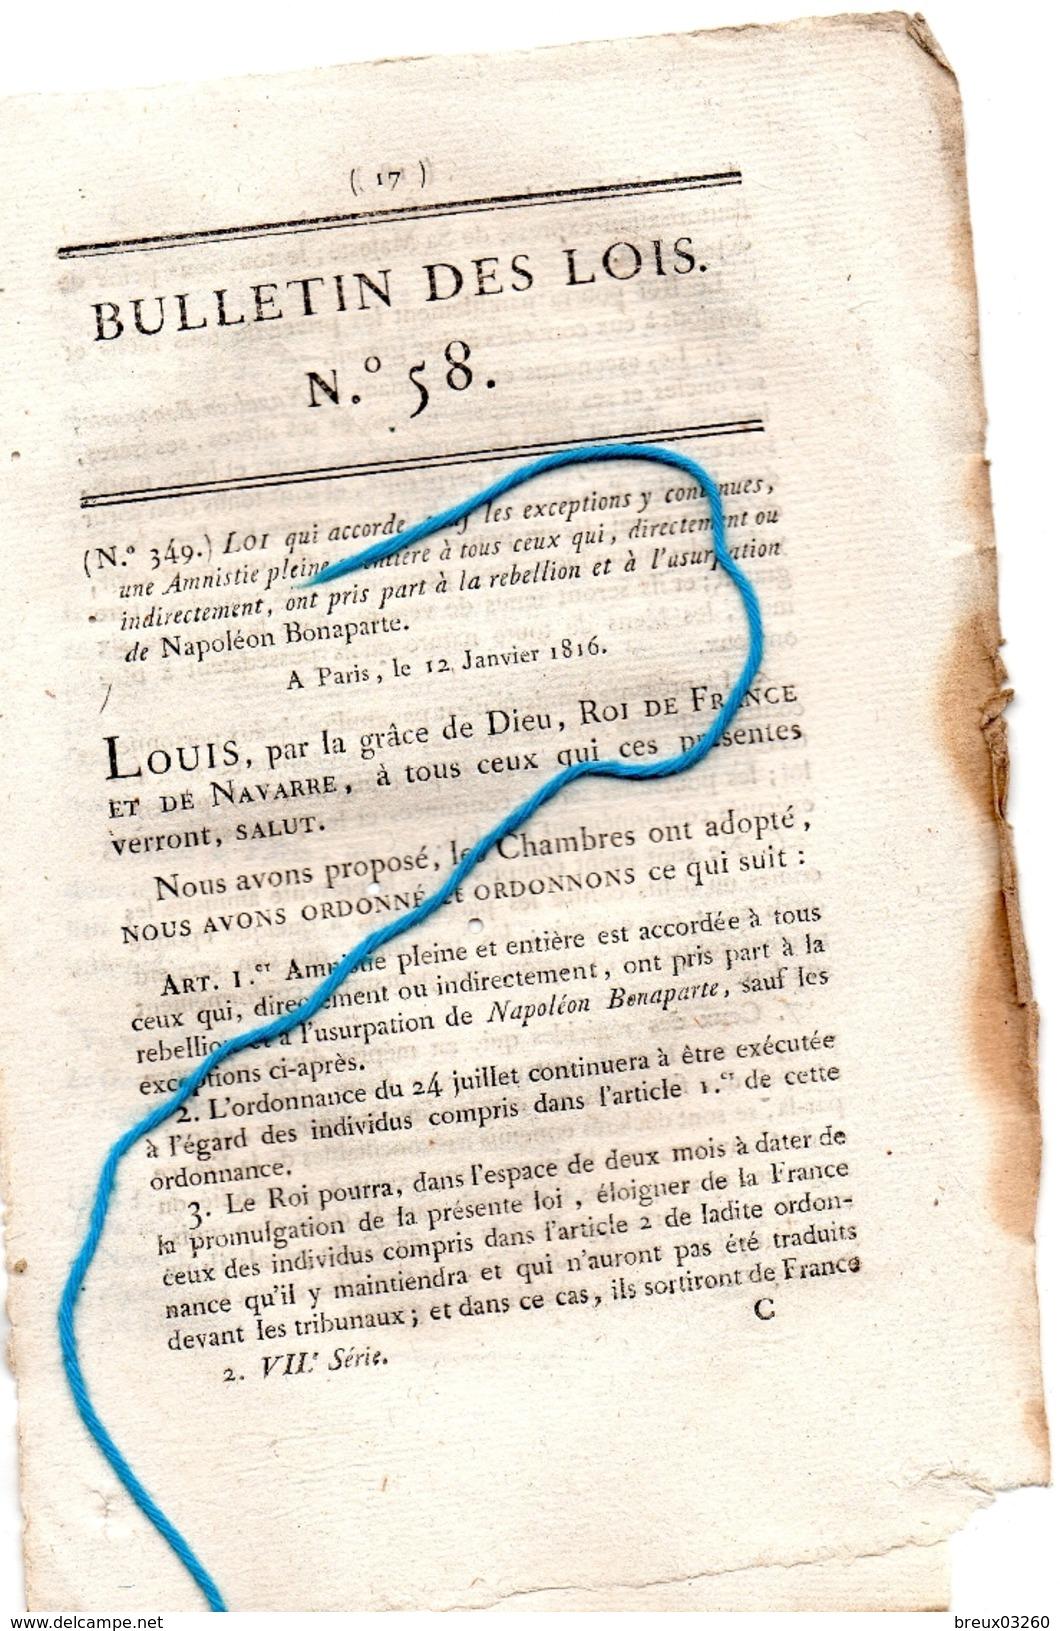 Bulletin Des Lois N°58 Accorde Une Amnistie. Pleine,à Ceux Qui Ont Pris Part, à La Rebellion De Napoléon Bonaparte- - Décrets & Lois